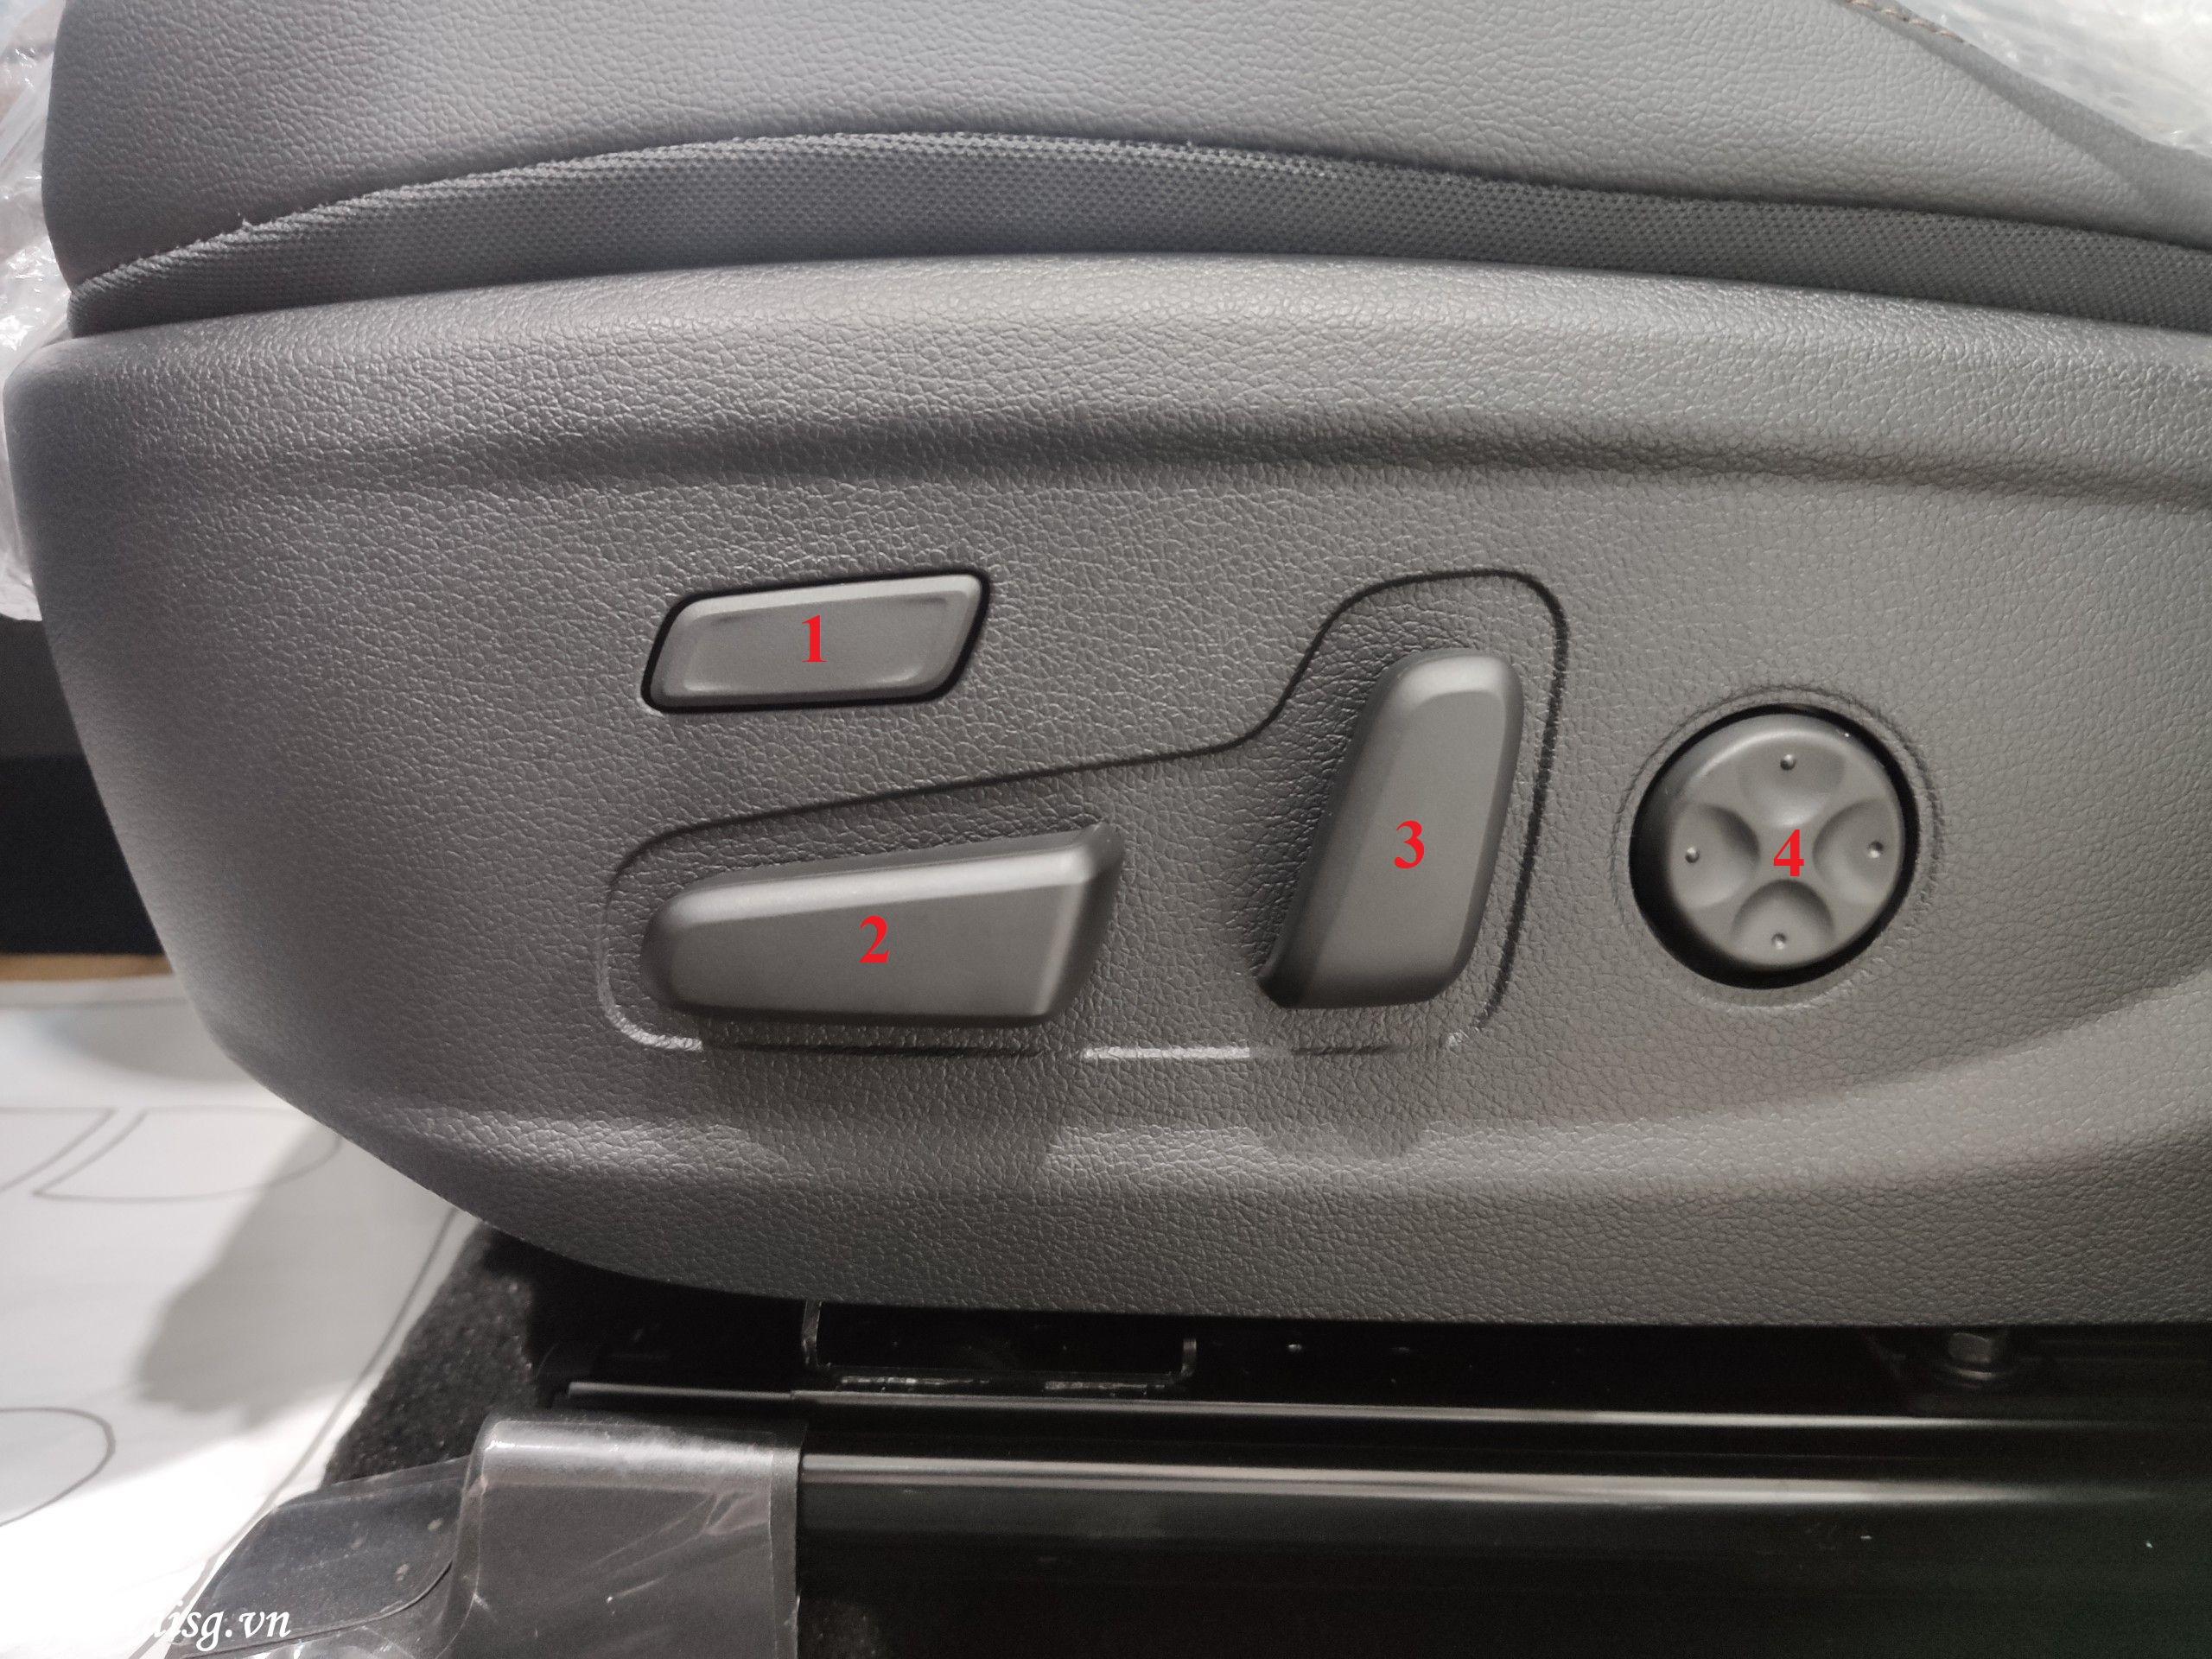 Hình Ảnh Hướng dẫn sử dụng xe Hyundai Santafe cho người mới 18